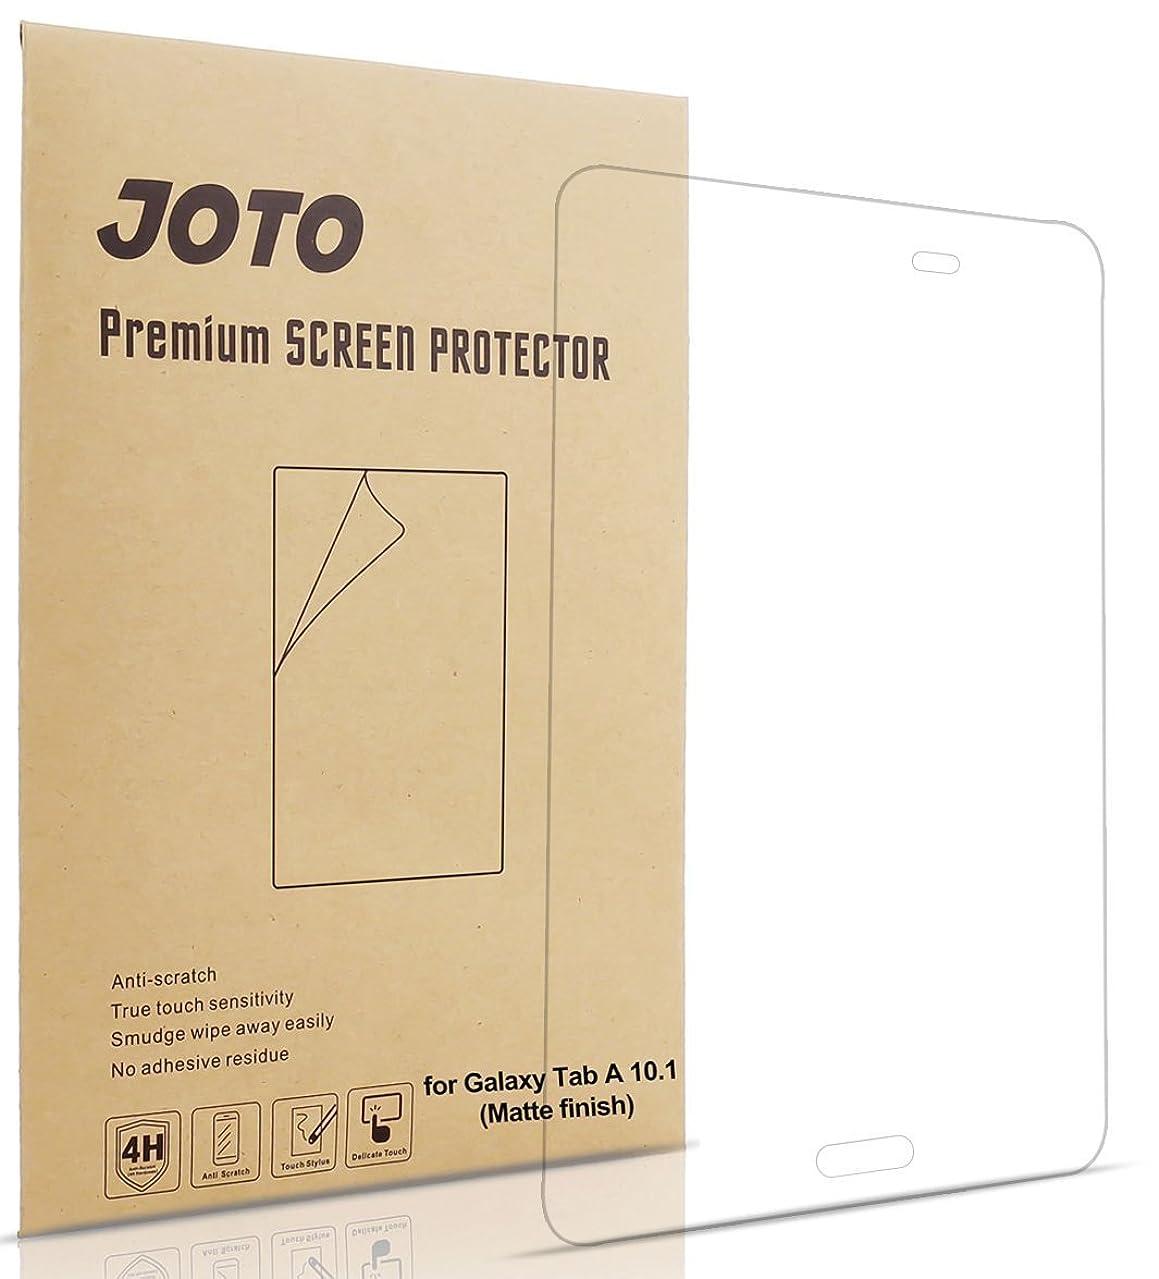 物足りない不実何Samsung Galaxy Tab A 10.1スクリーンプロテクターFilm?–?JOTOアンチグレア防止、指紋防止(マット仕上げ)スクリーンガードfor Galaxy Tab A 10.1インチタブレット、sm-t5803パック